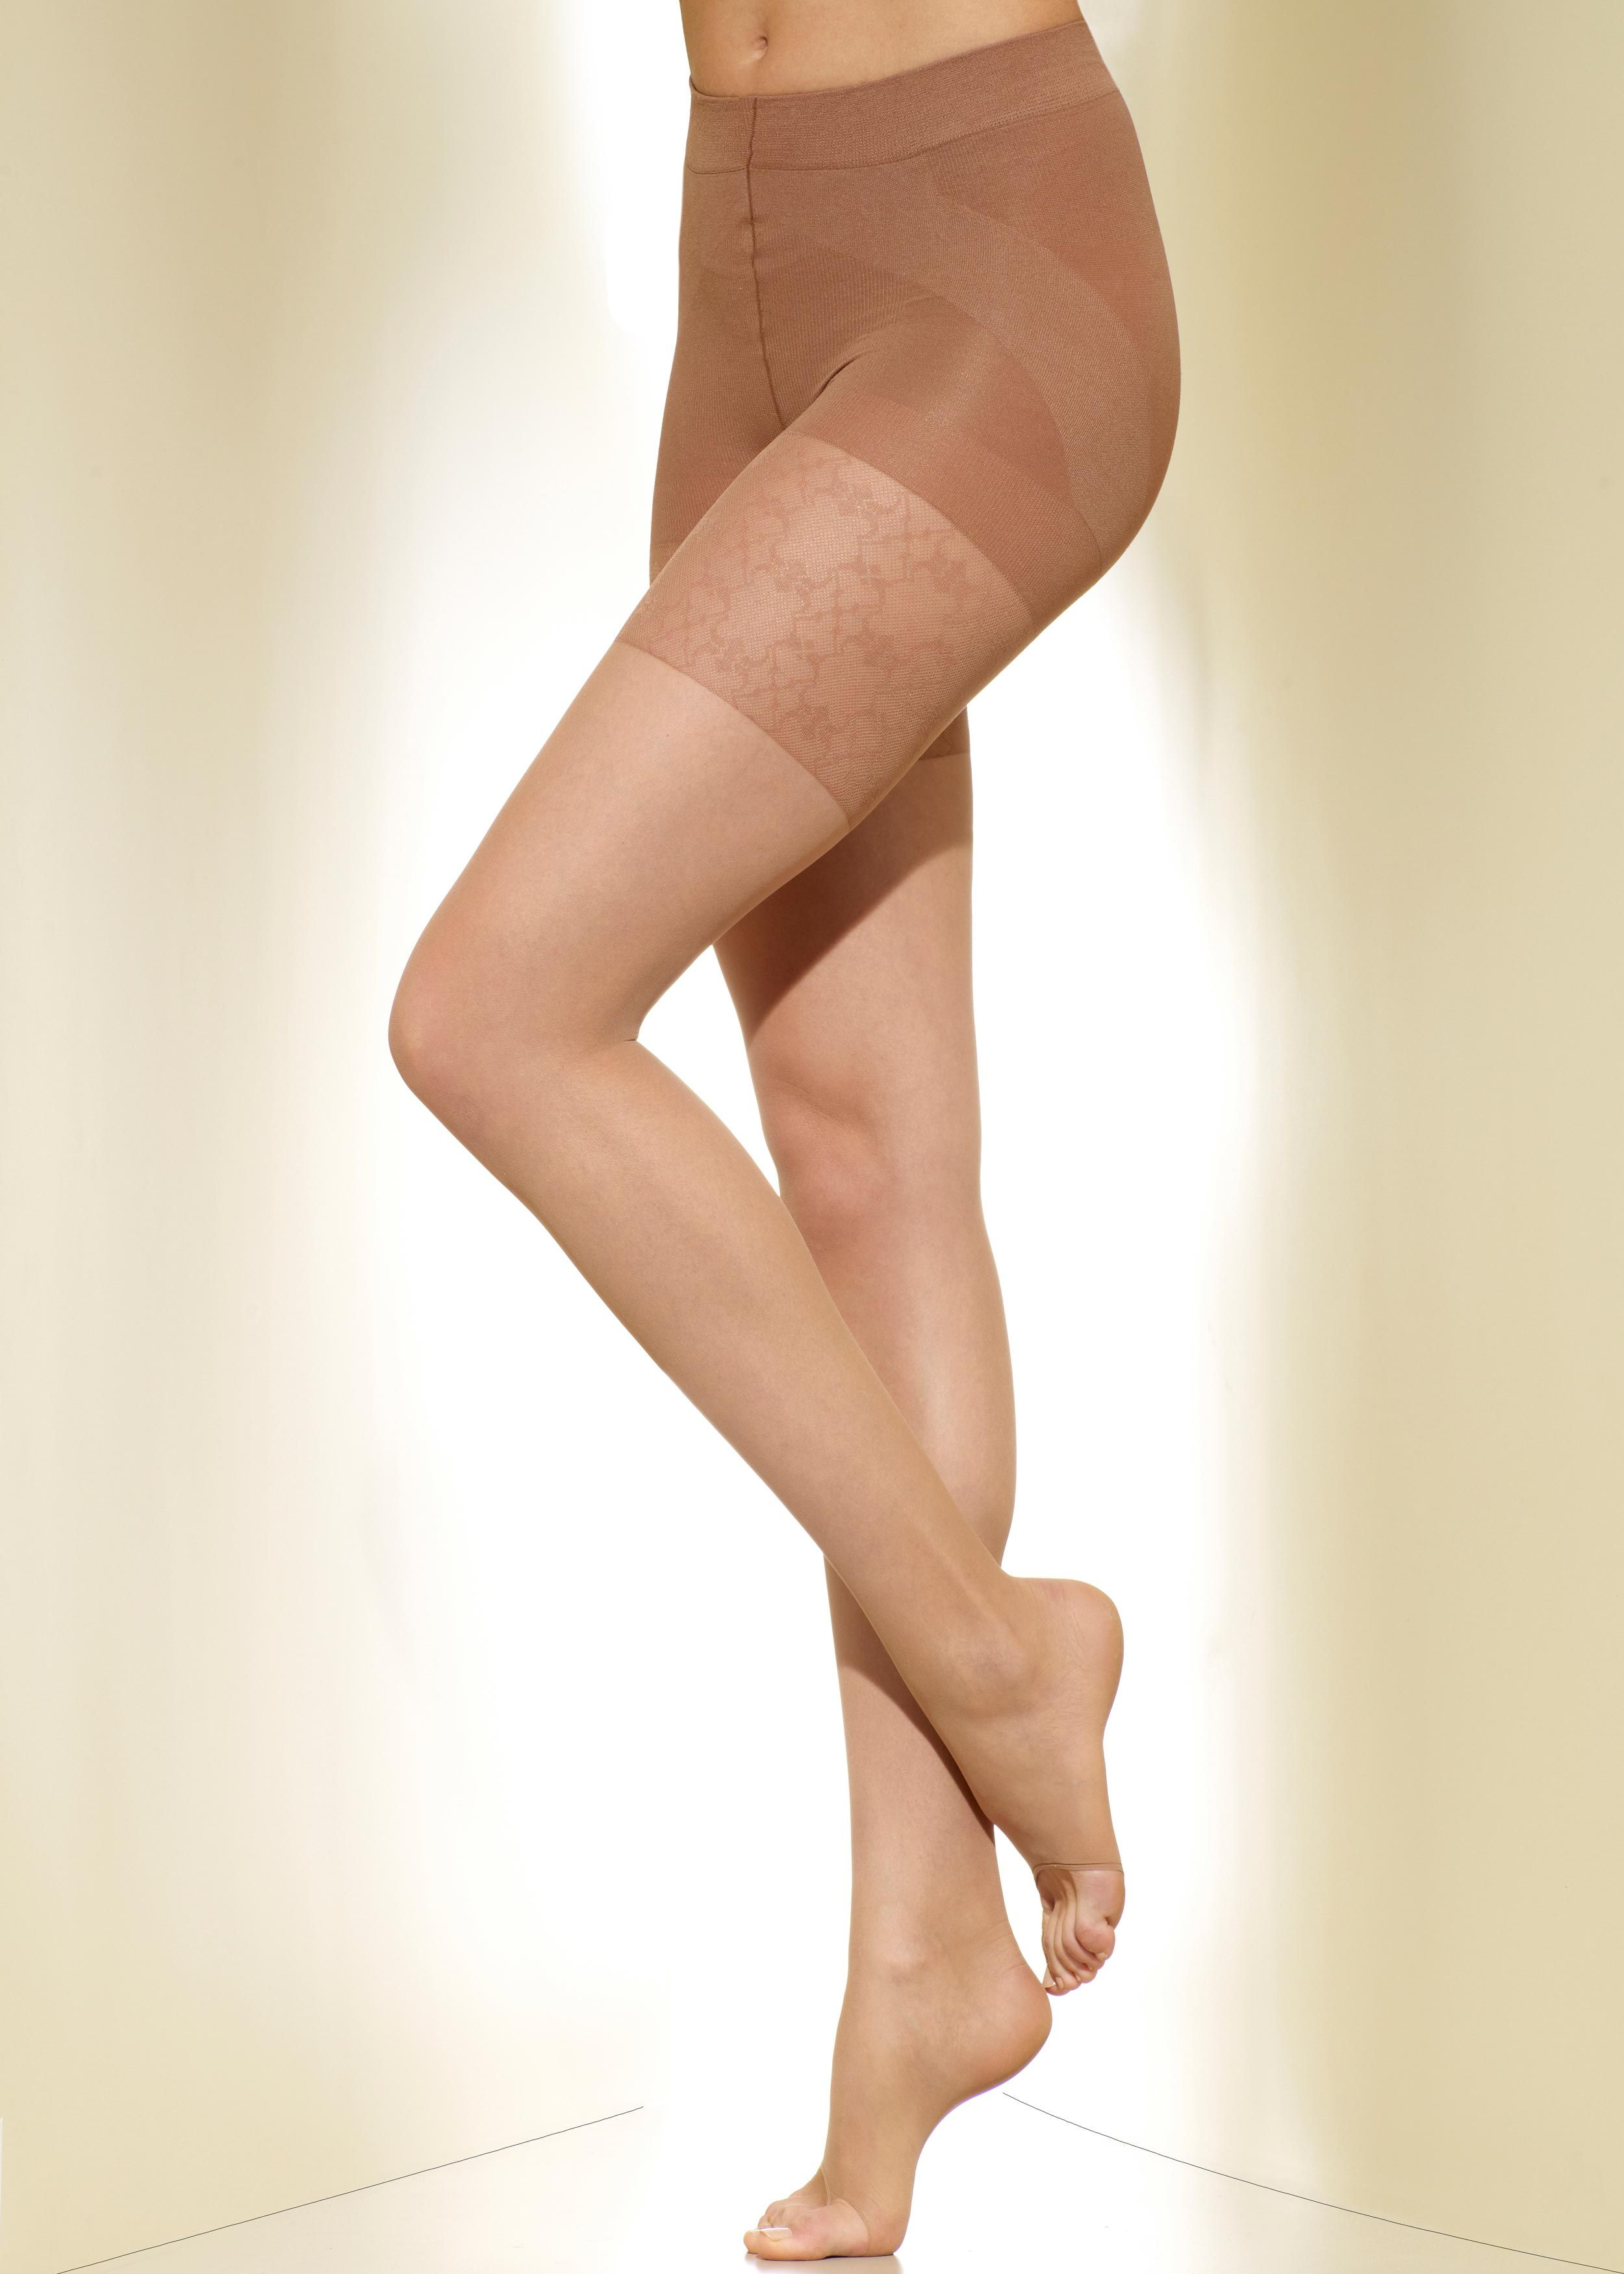 42e8573eddd71 Silkies Toeless Shaping Pantyhose | Wear Open Toe Shoes Plus Size Women,  Hosiery, Dance